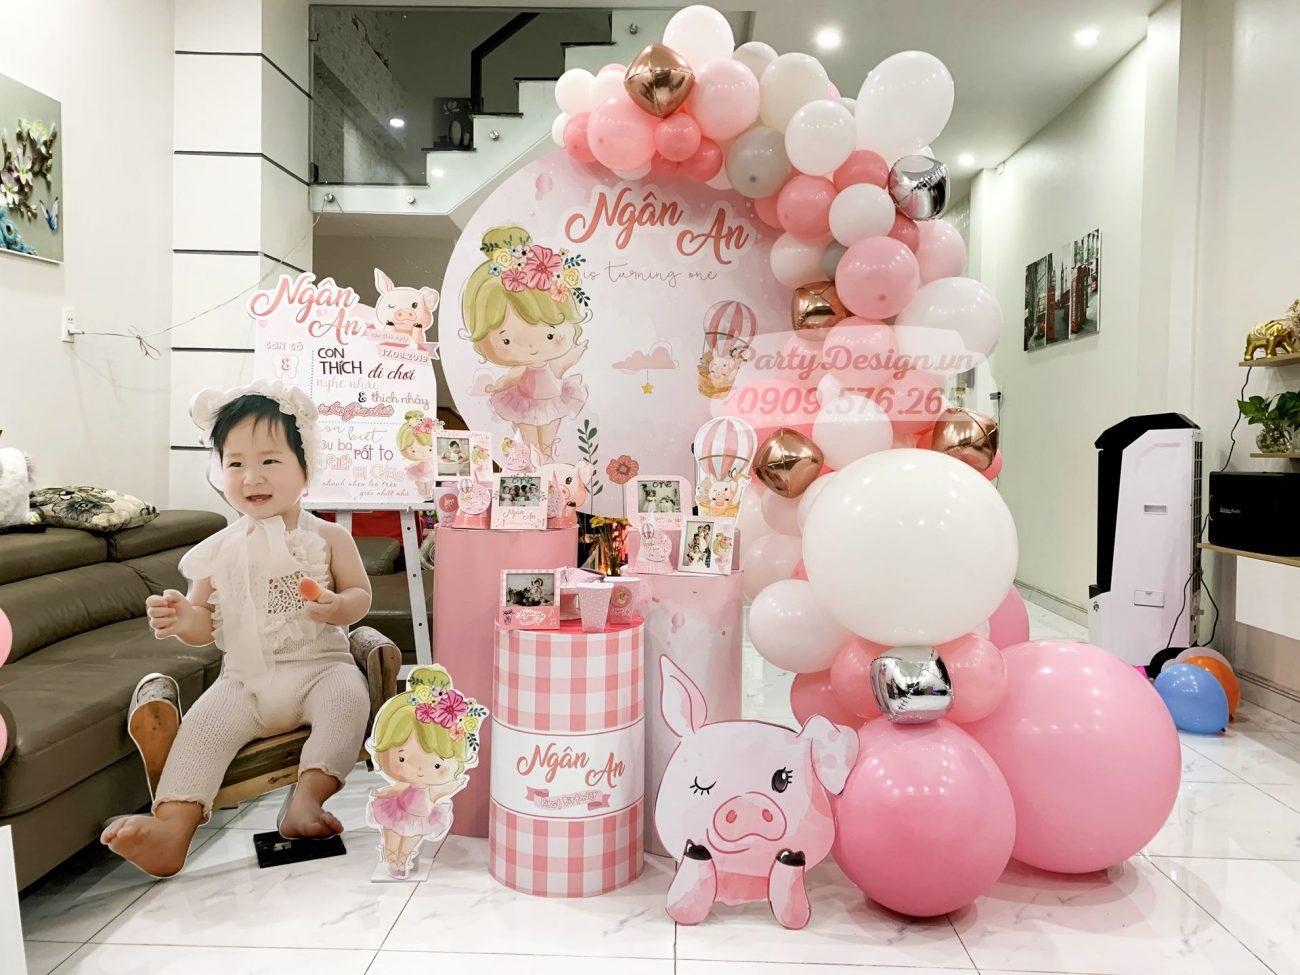 Trang trí sinh nhật màu hồng cho bé gái Ngân An